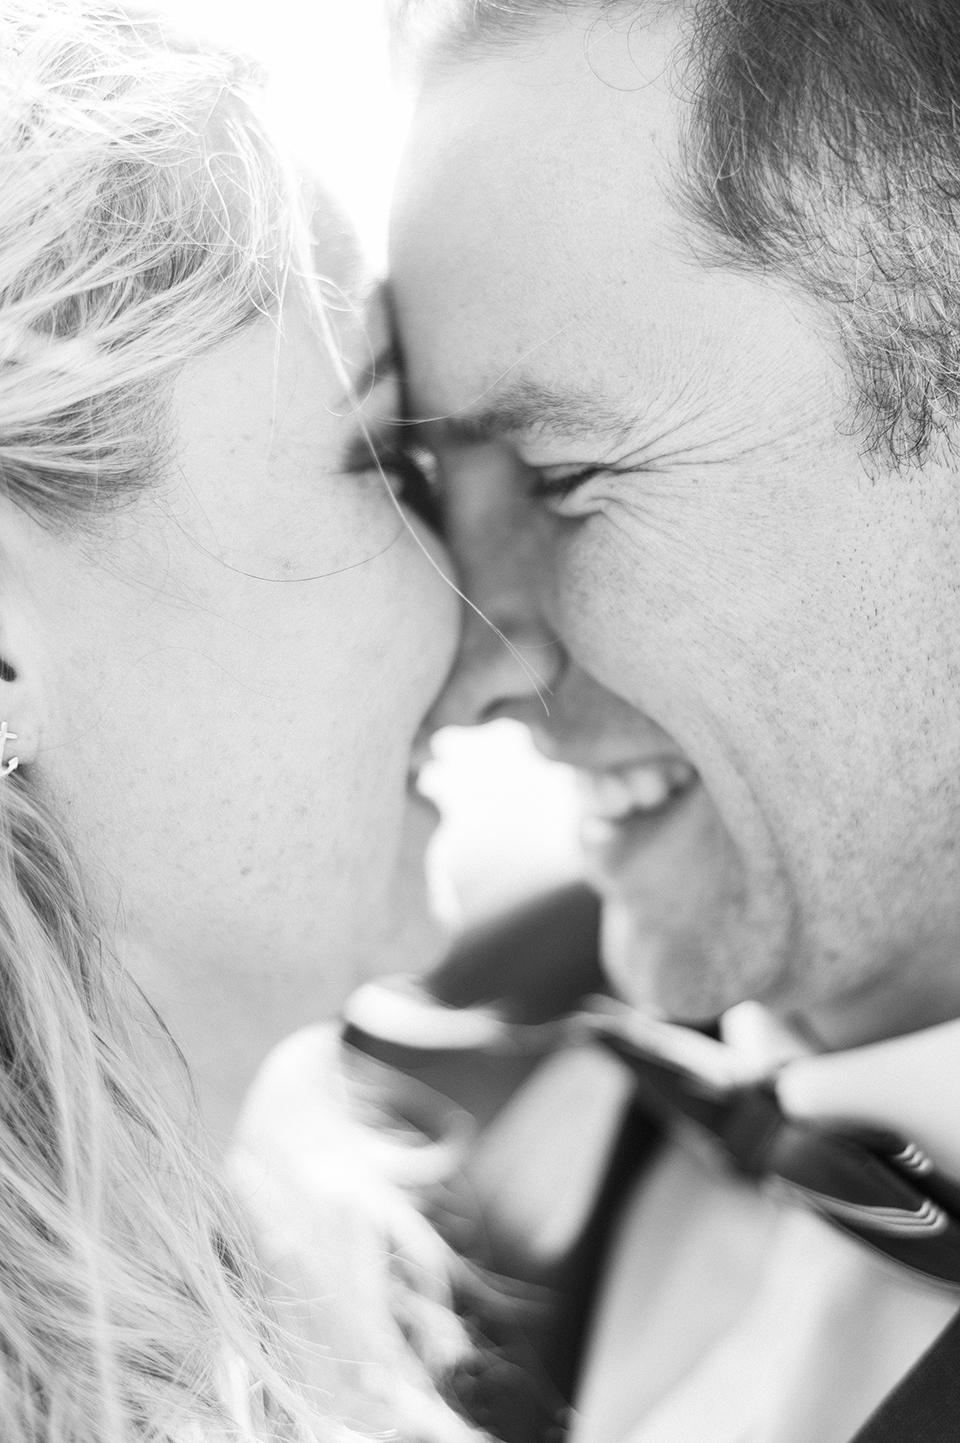 RyanParker_WeddingPhotographer_CapeTown_Hermanus_PringleBay_SouthAfrica_T&R_DSC_5673.jpg